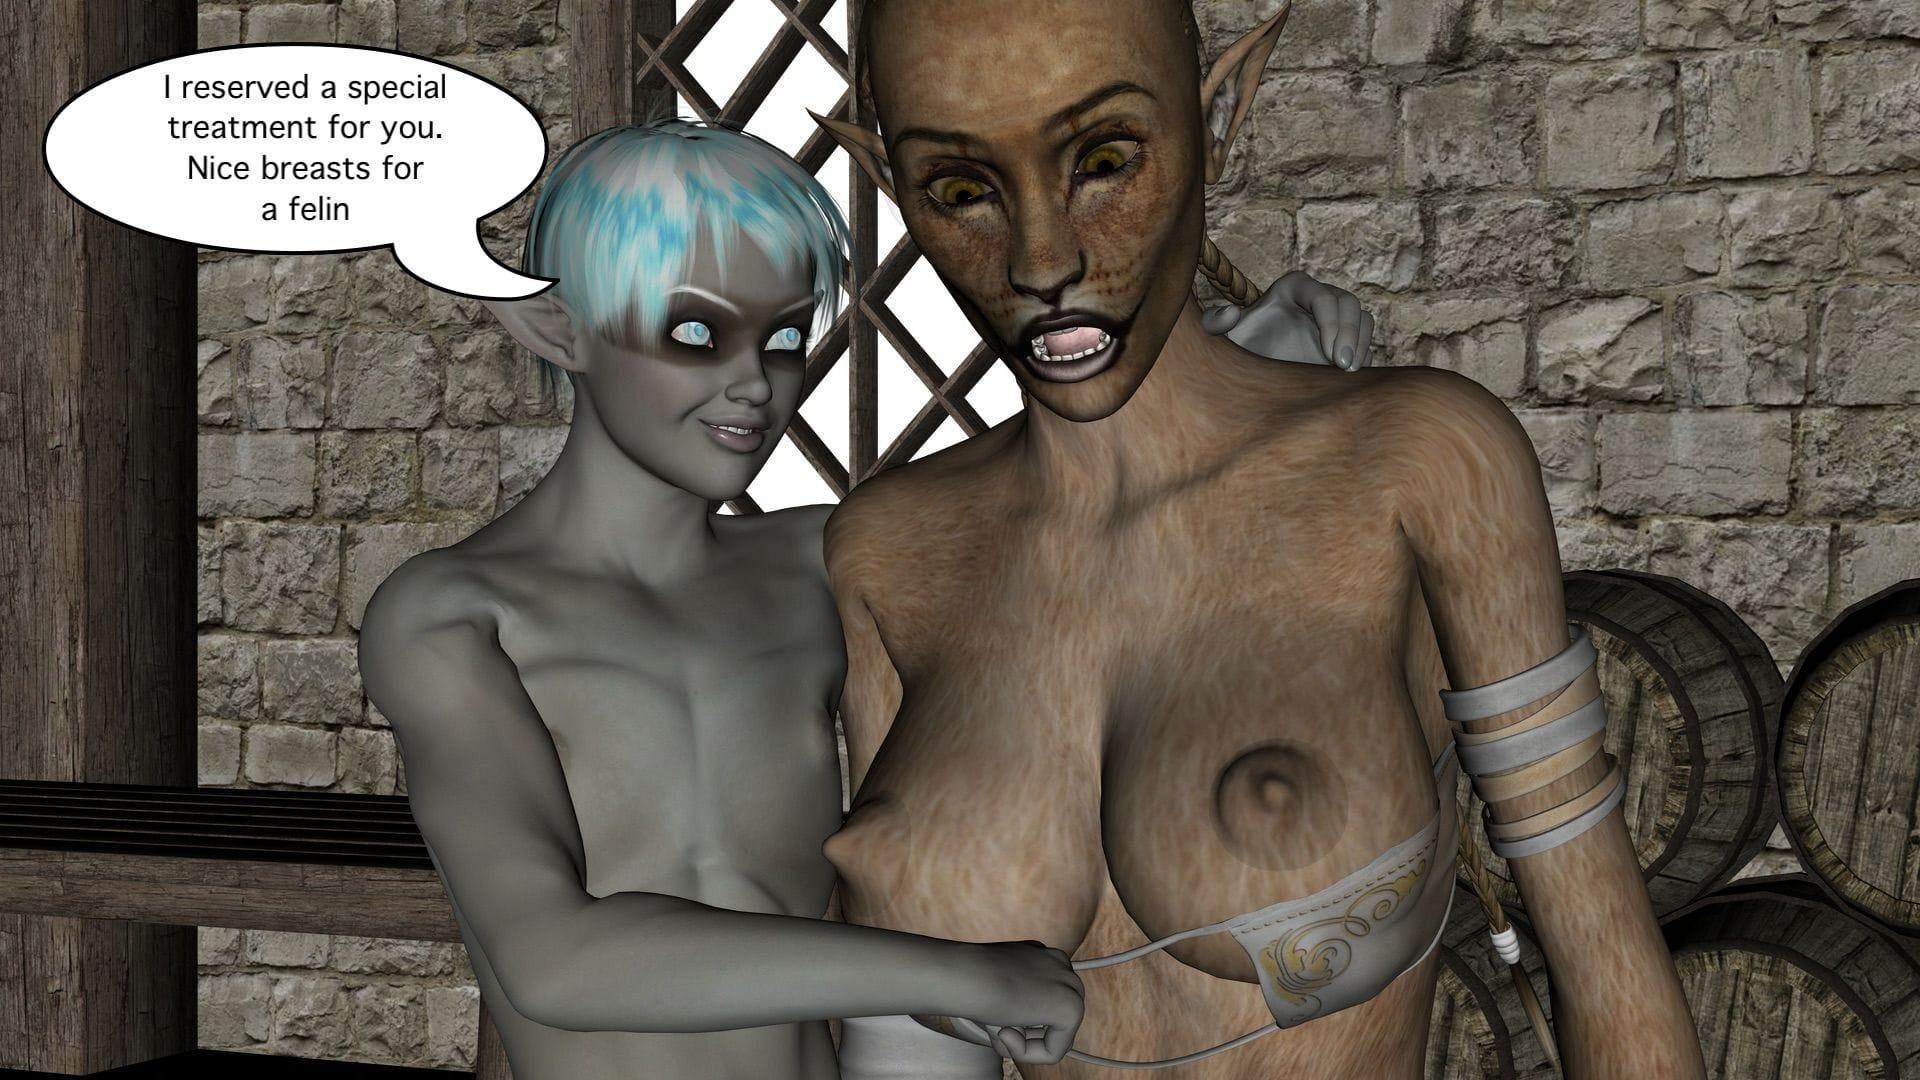 эвери квест порно